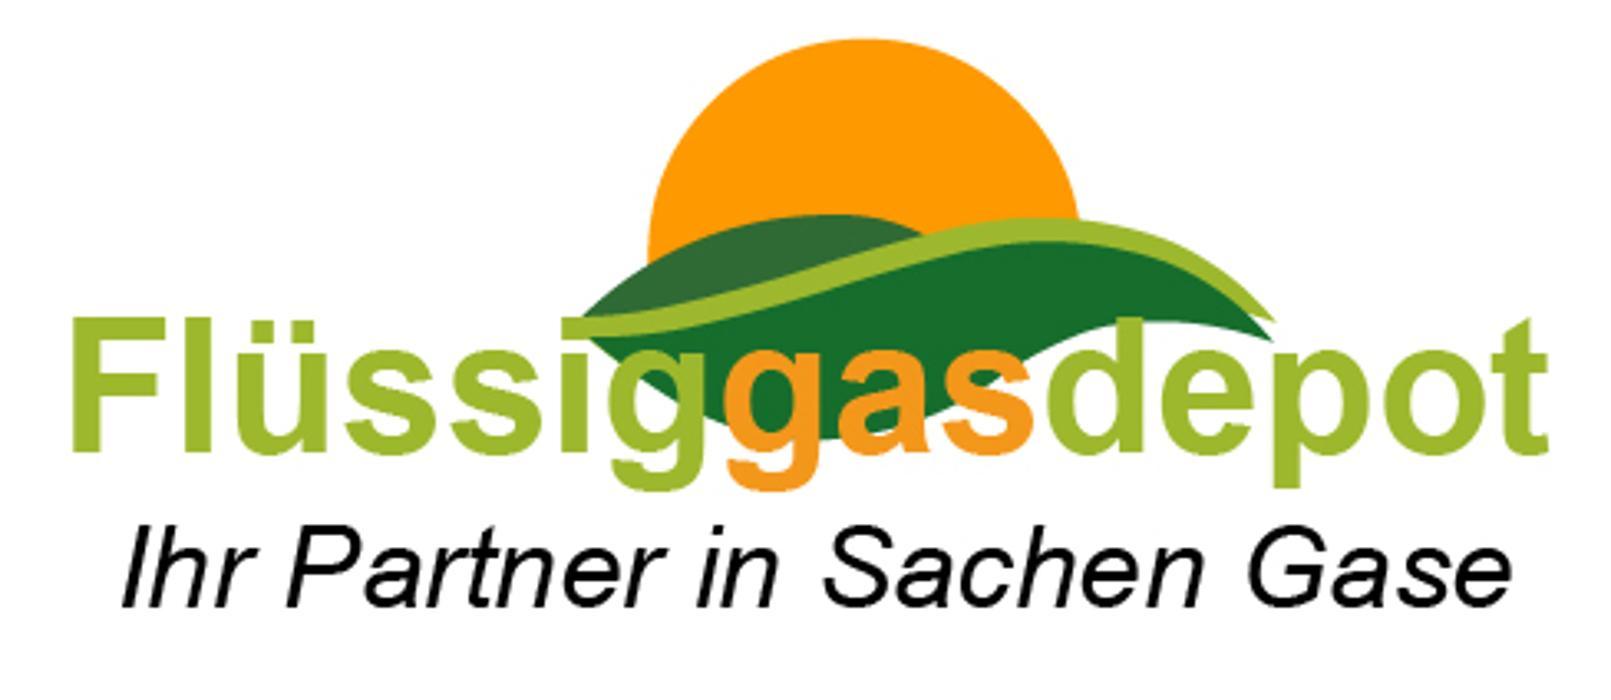 Bild zu Flüssiggasdepot - Trieb-Industriegase UG - TriebGase in Polsingen